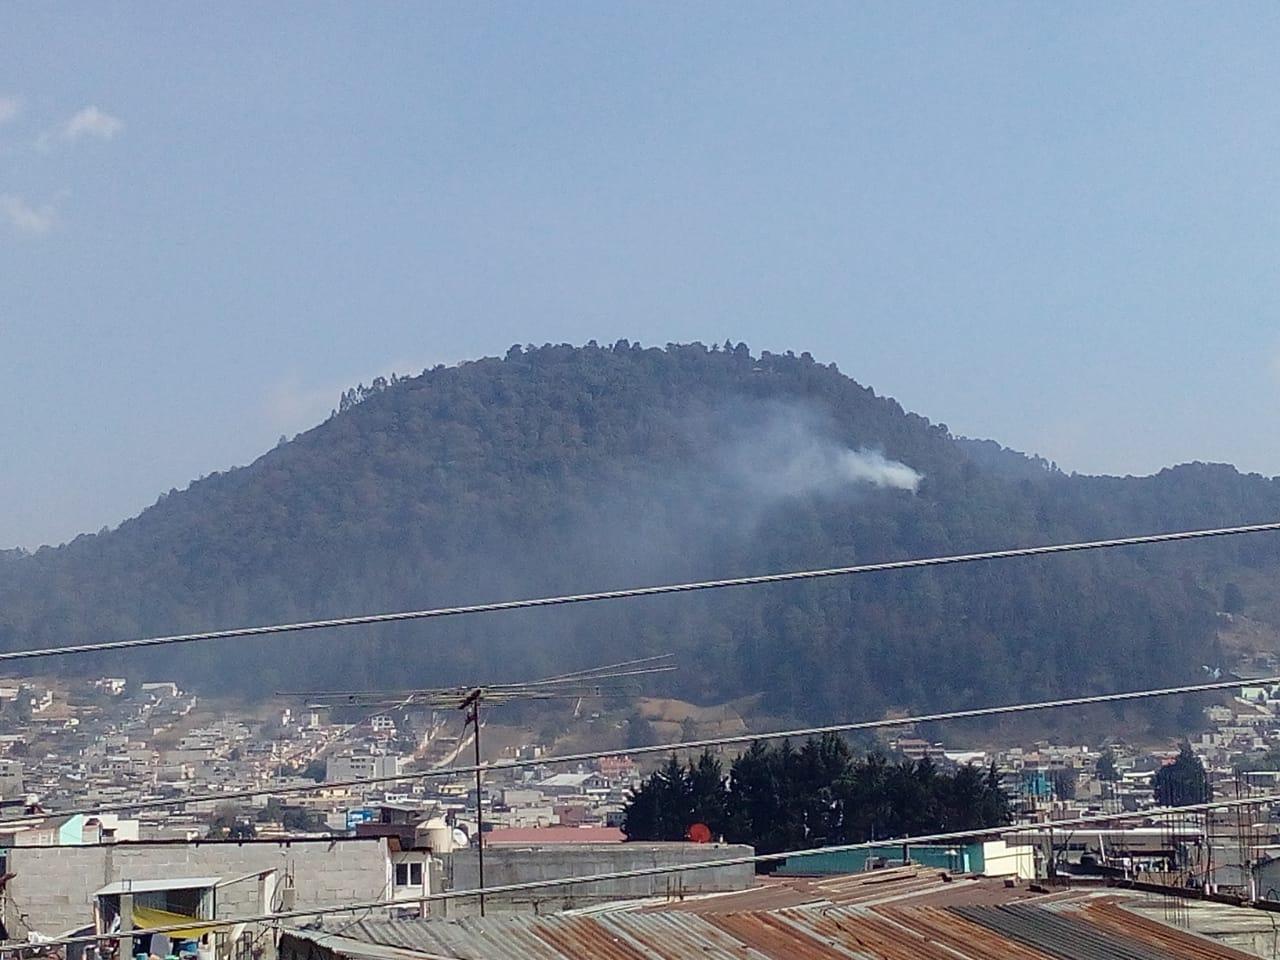 Trabajan para controlar incendios forestales